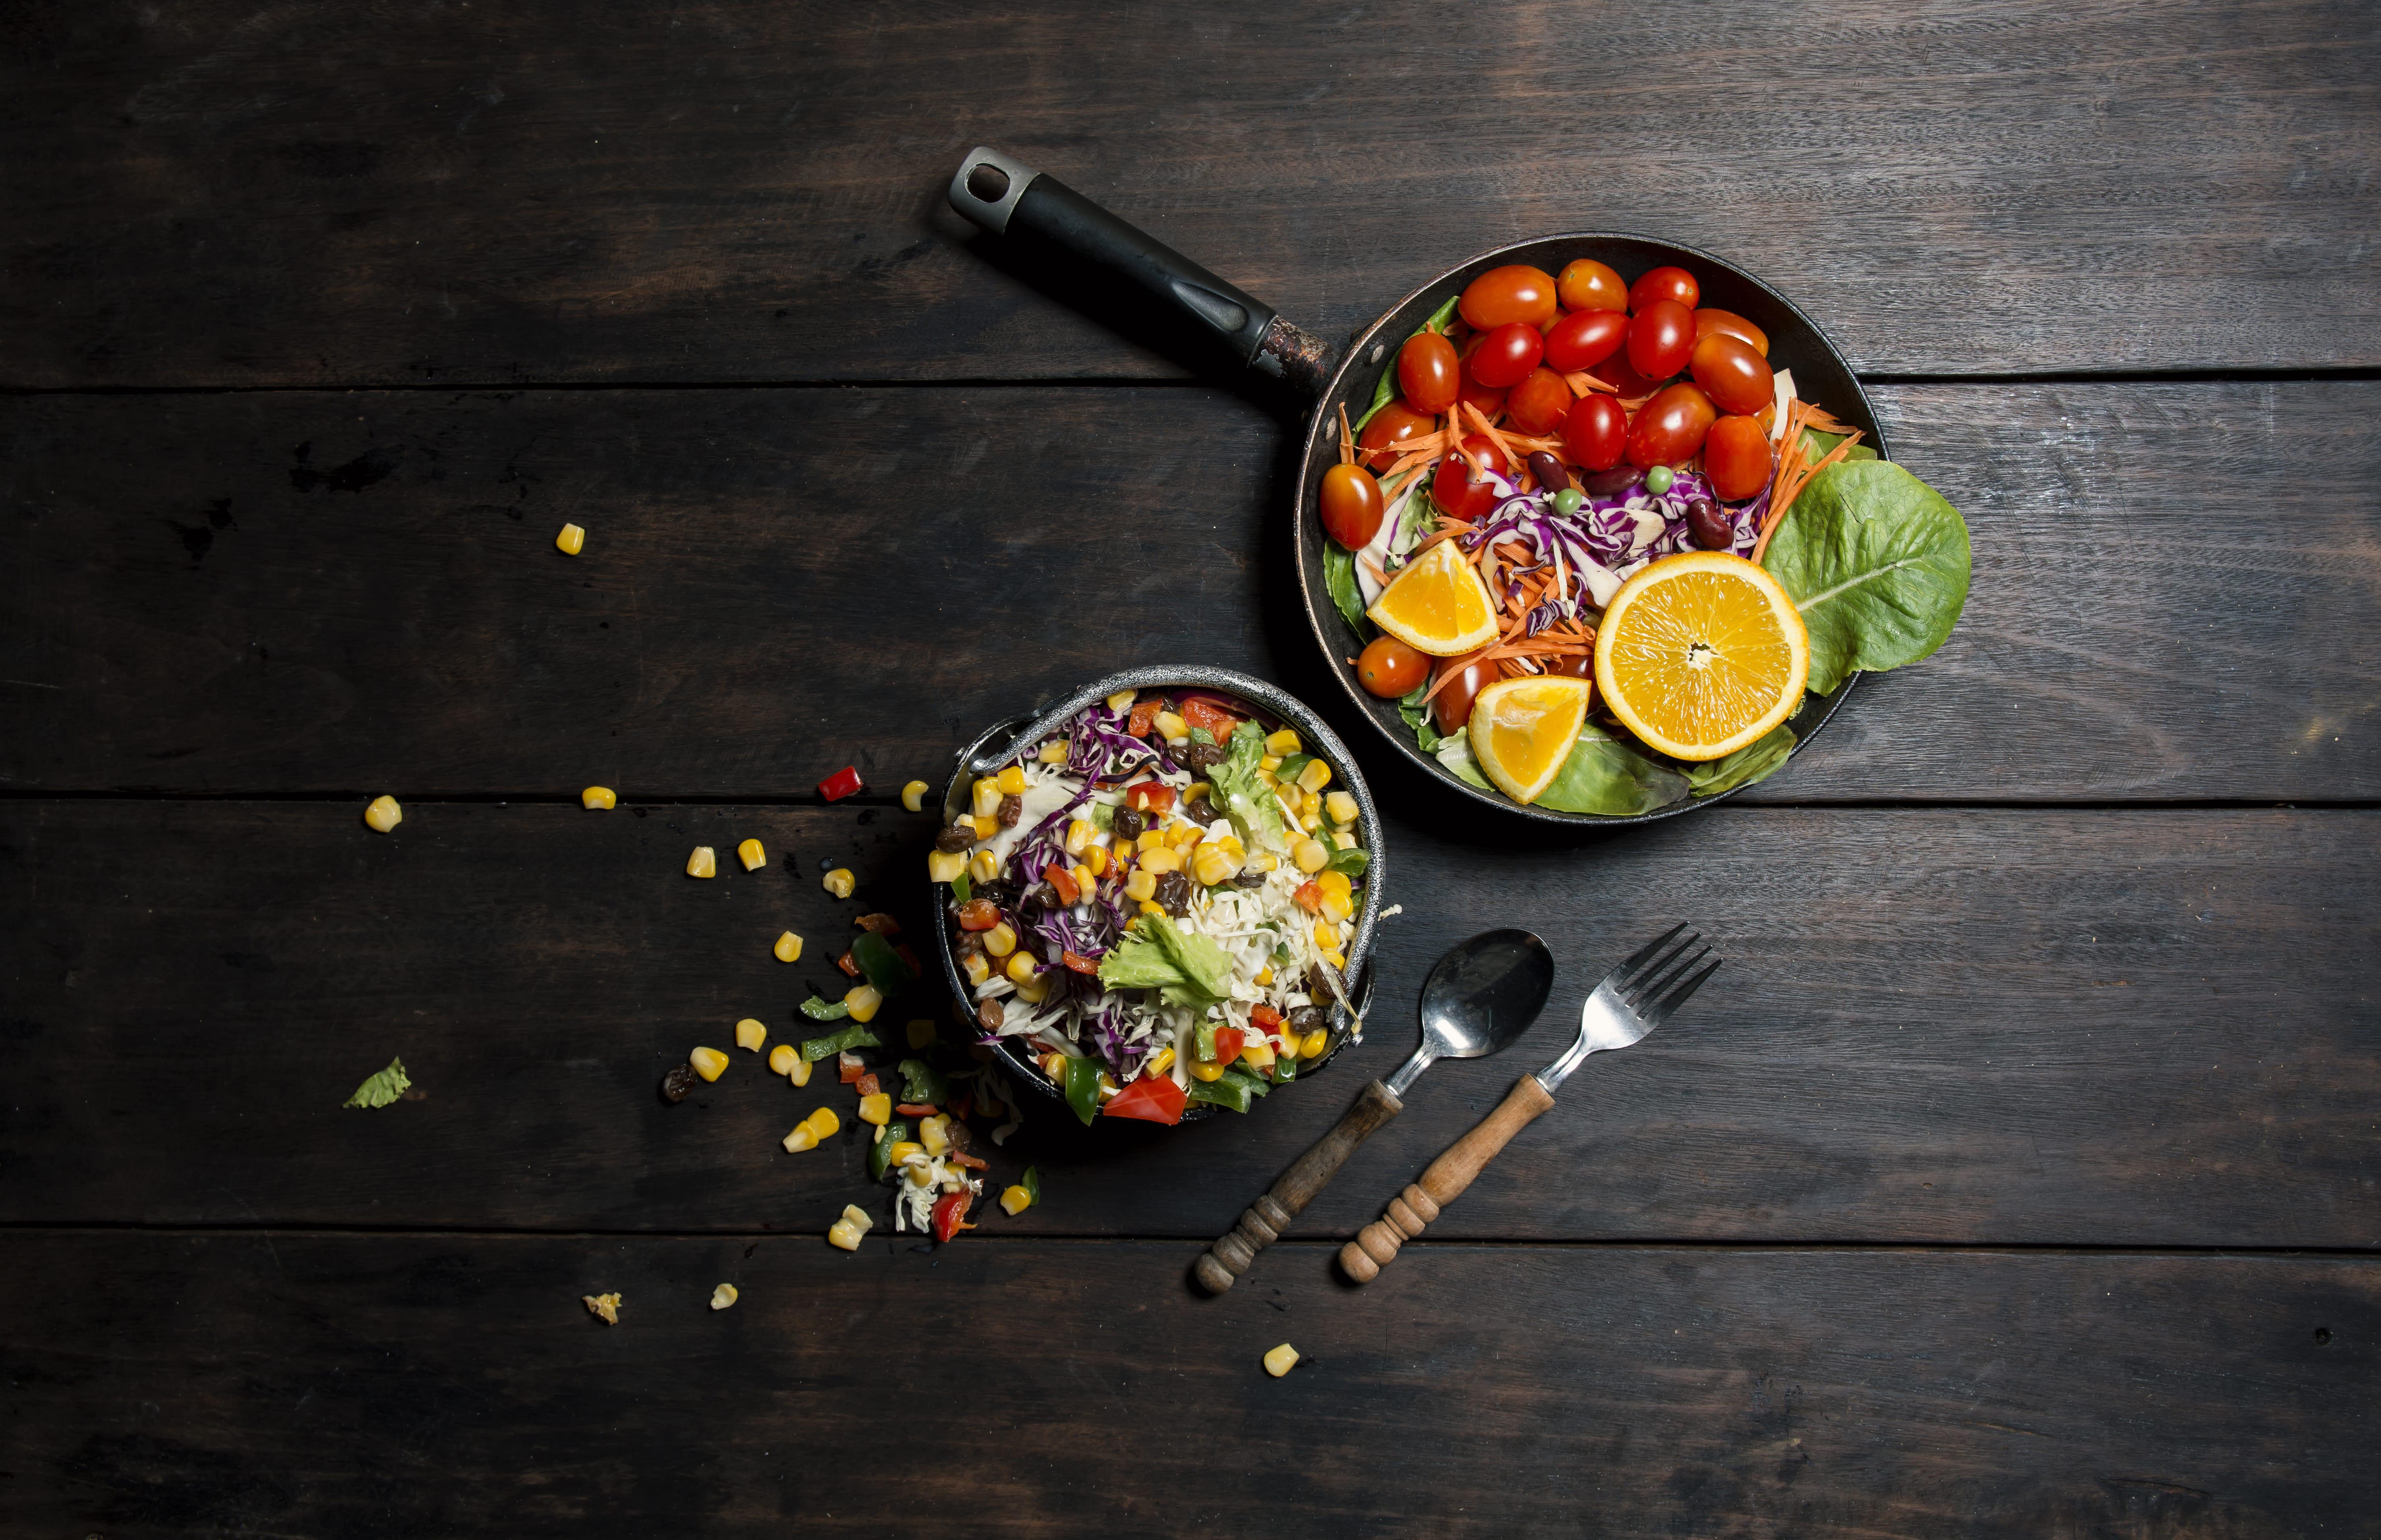 Dieta i Odchudzanie - Dieta 1000 Kalorii - Informacje i Porady Praktyczne